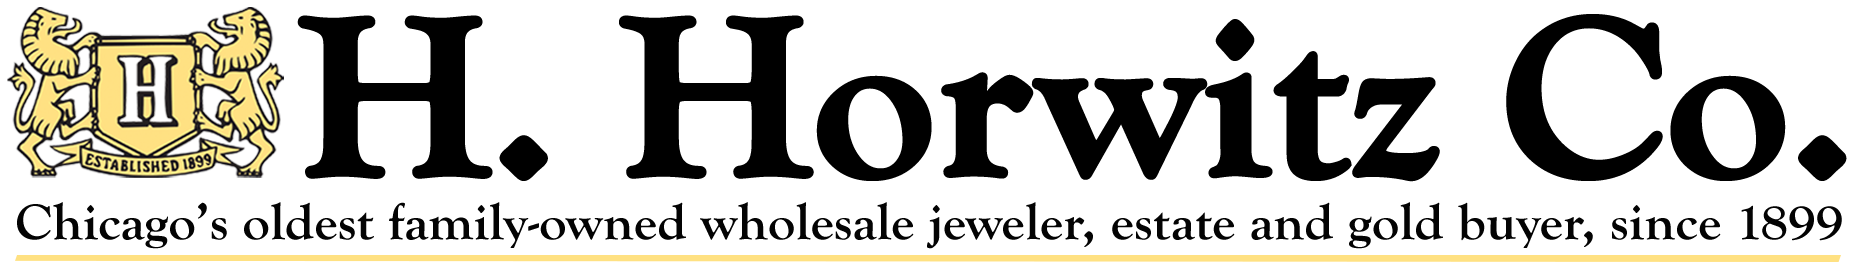 H. Horwitz Jewelers